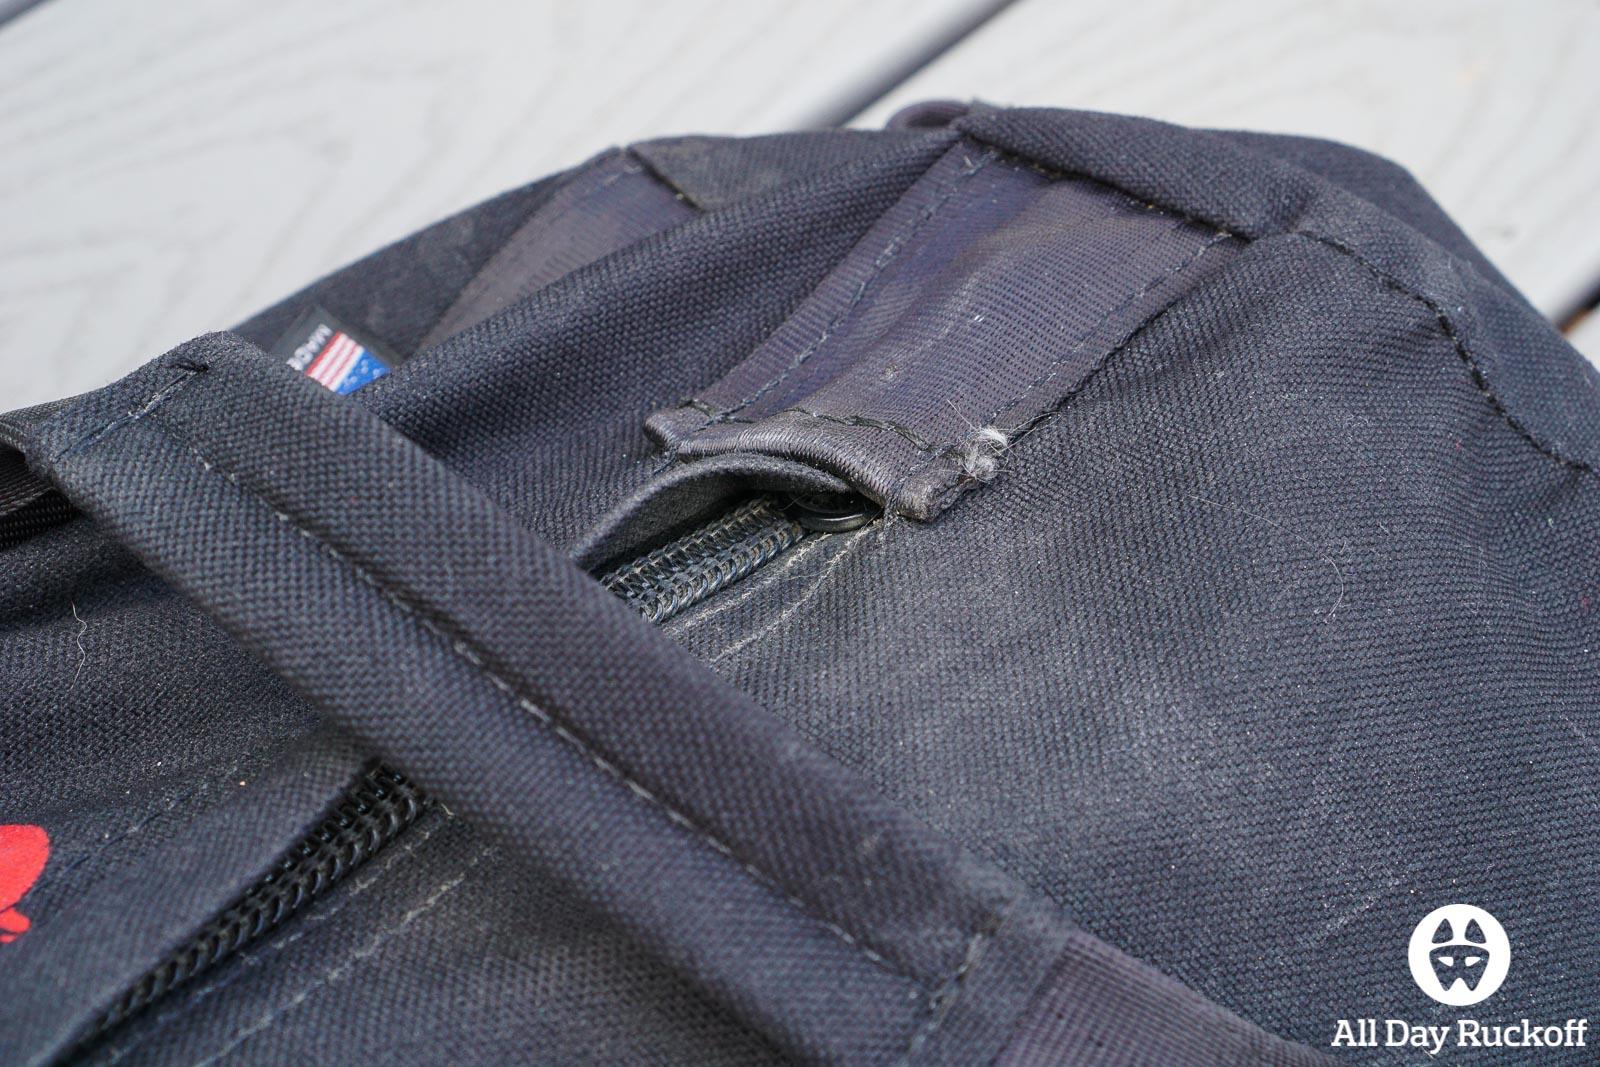 Brute Force Athlete Sandbag - Zipper Pocket Full